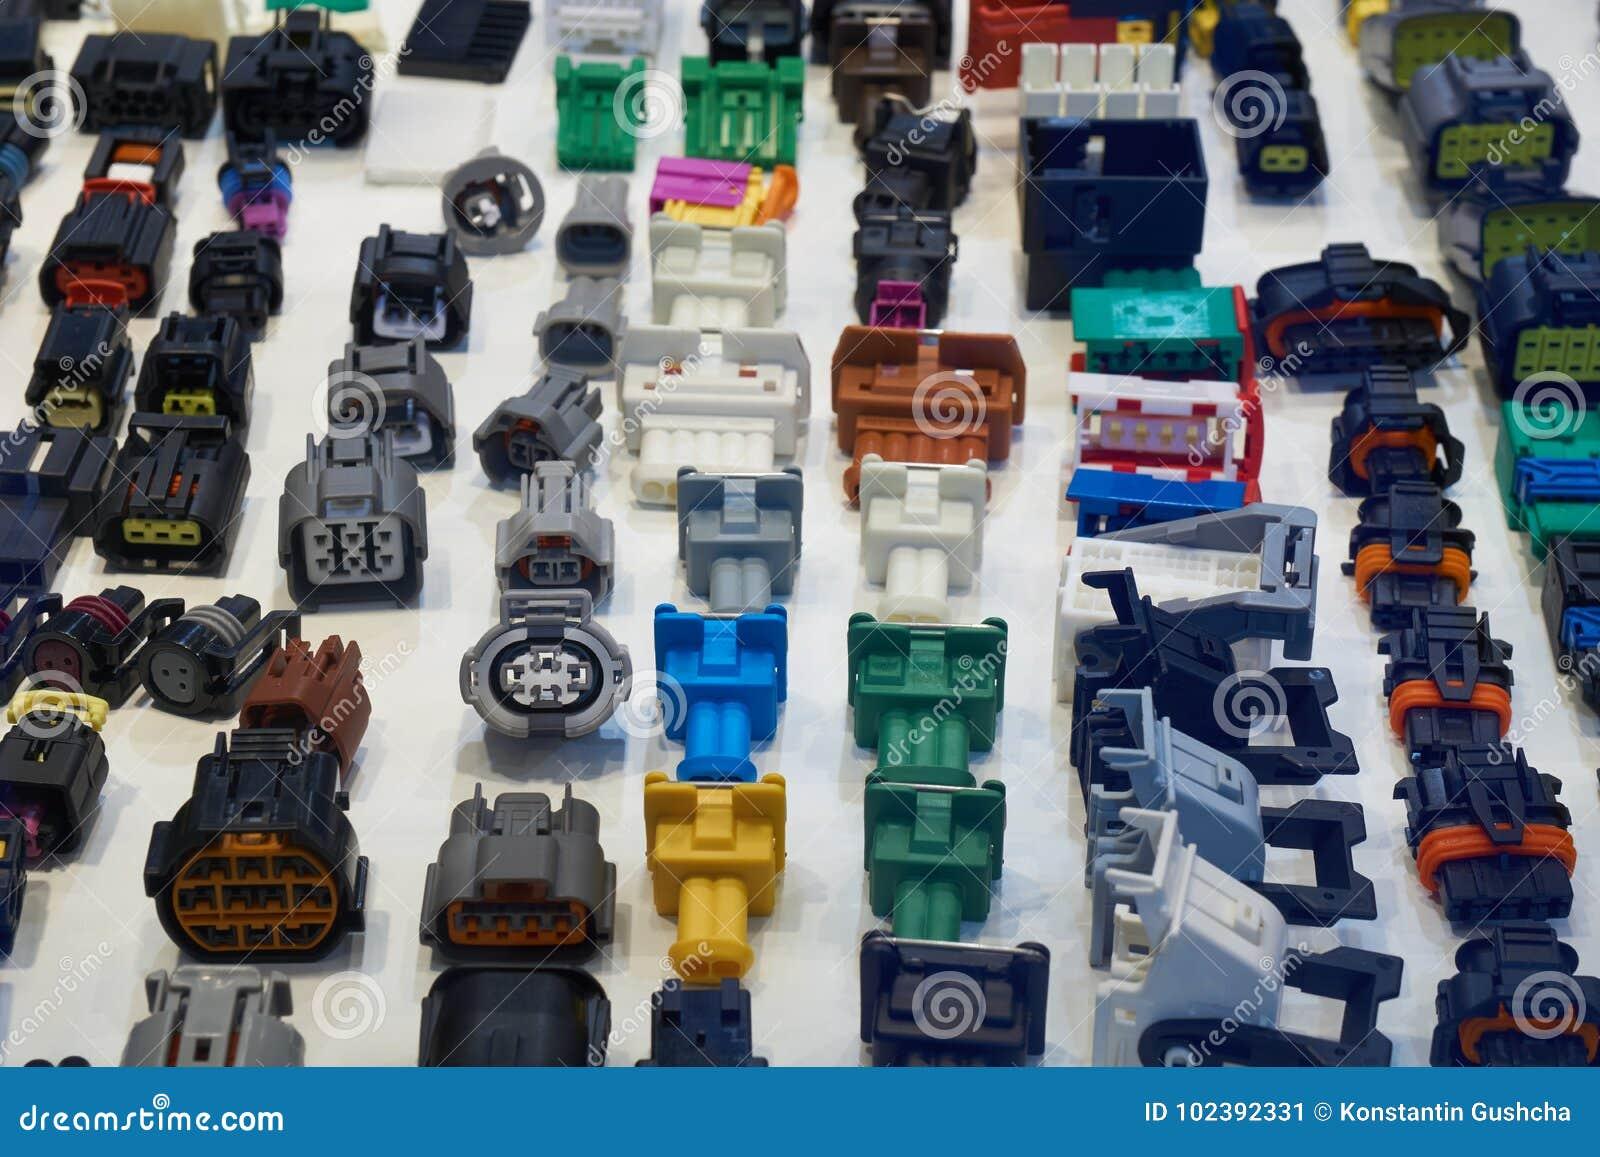 Prises électriques des véhicules à moteur